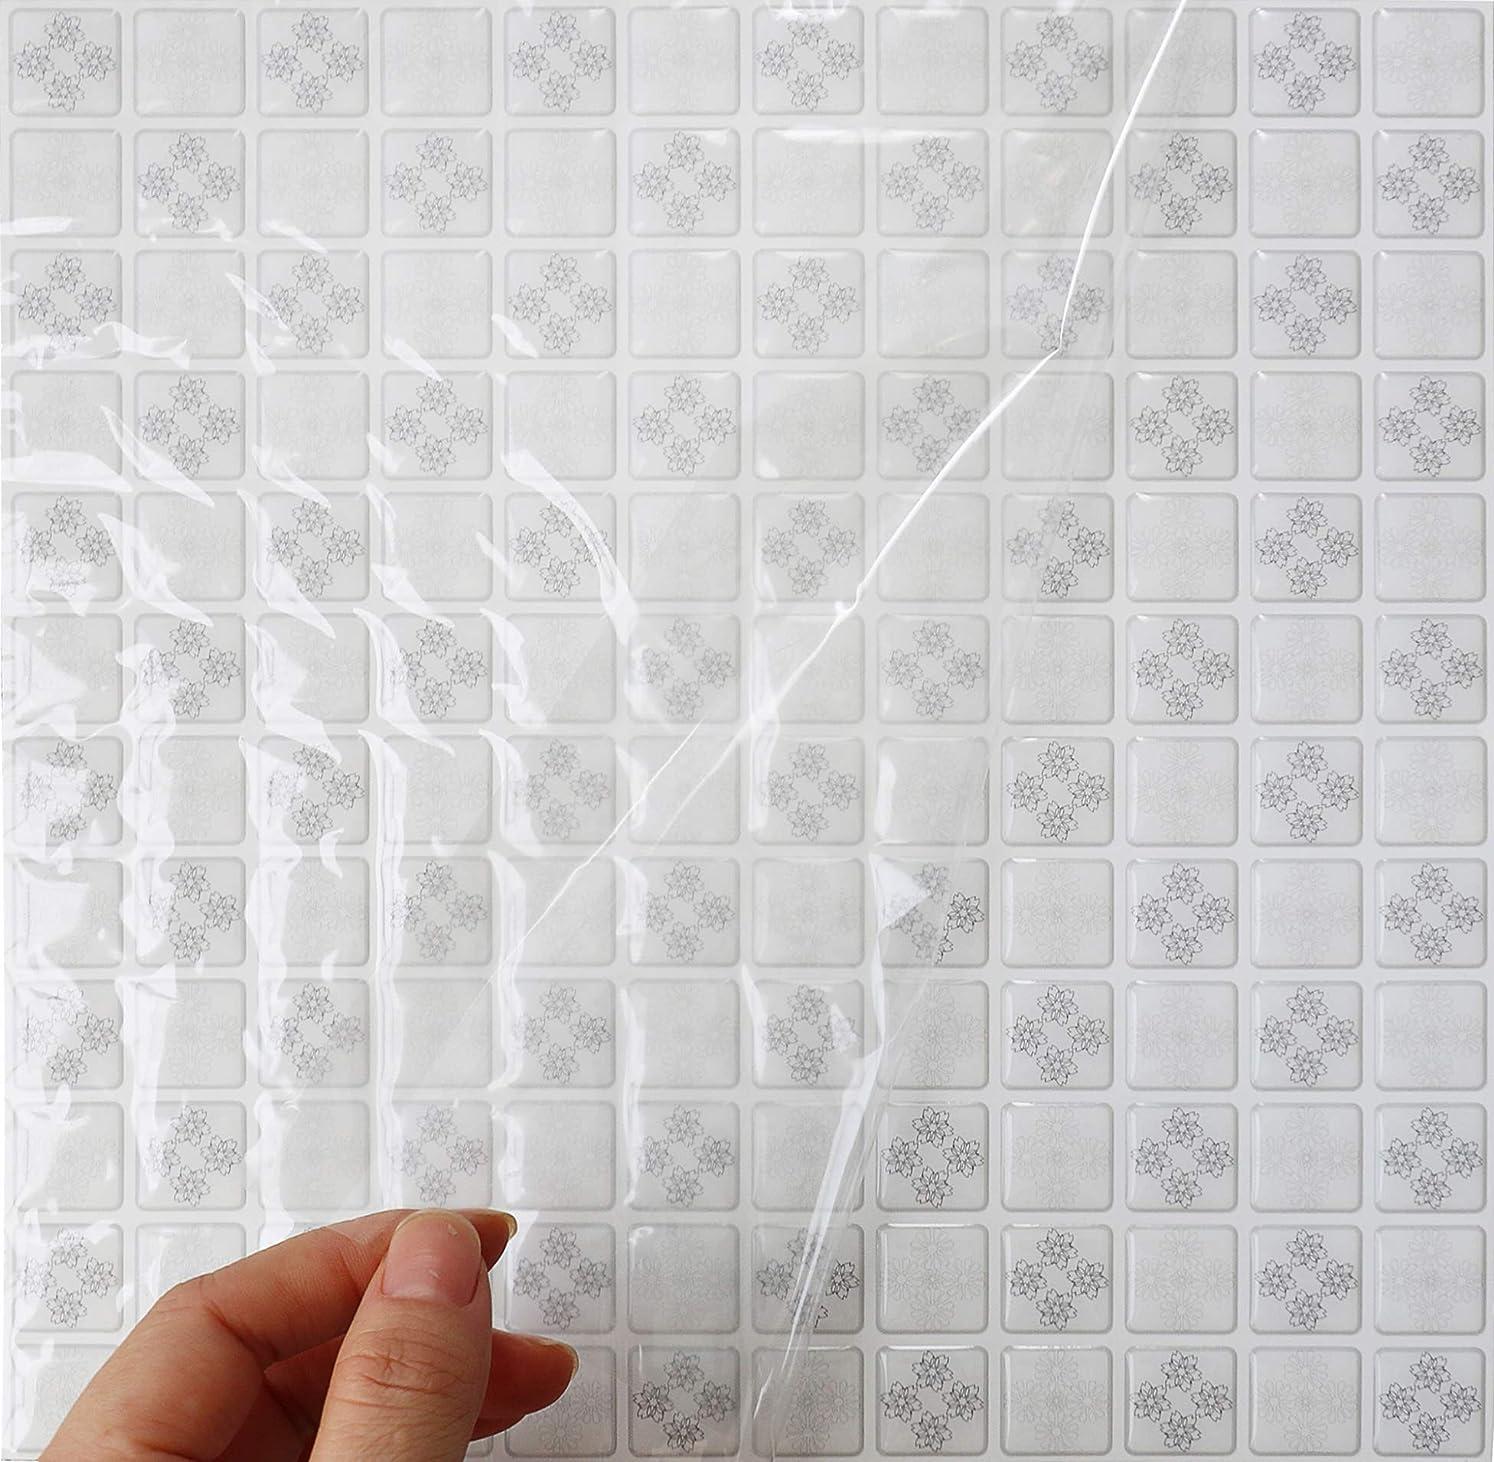 巻き取りリーガンハードウェアHyFanStr 4枚セット 3D キッチンタイル シール モザイクタイルシール 洗面所 トイレウォールステッカー 防水 DIY 壁貼りシール (ホワイト)